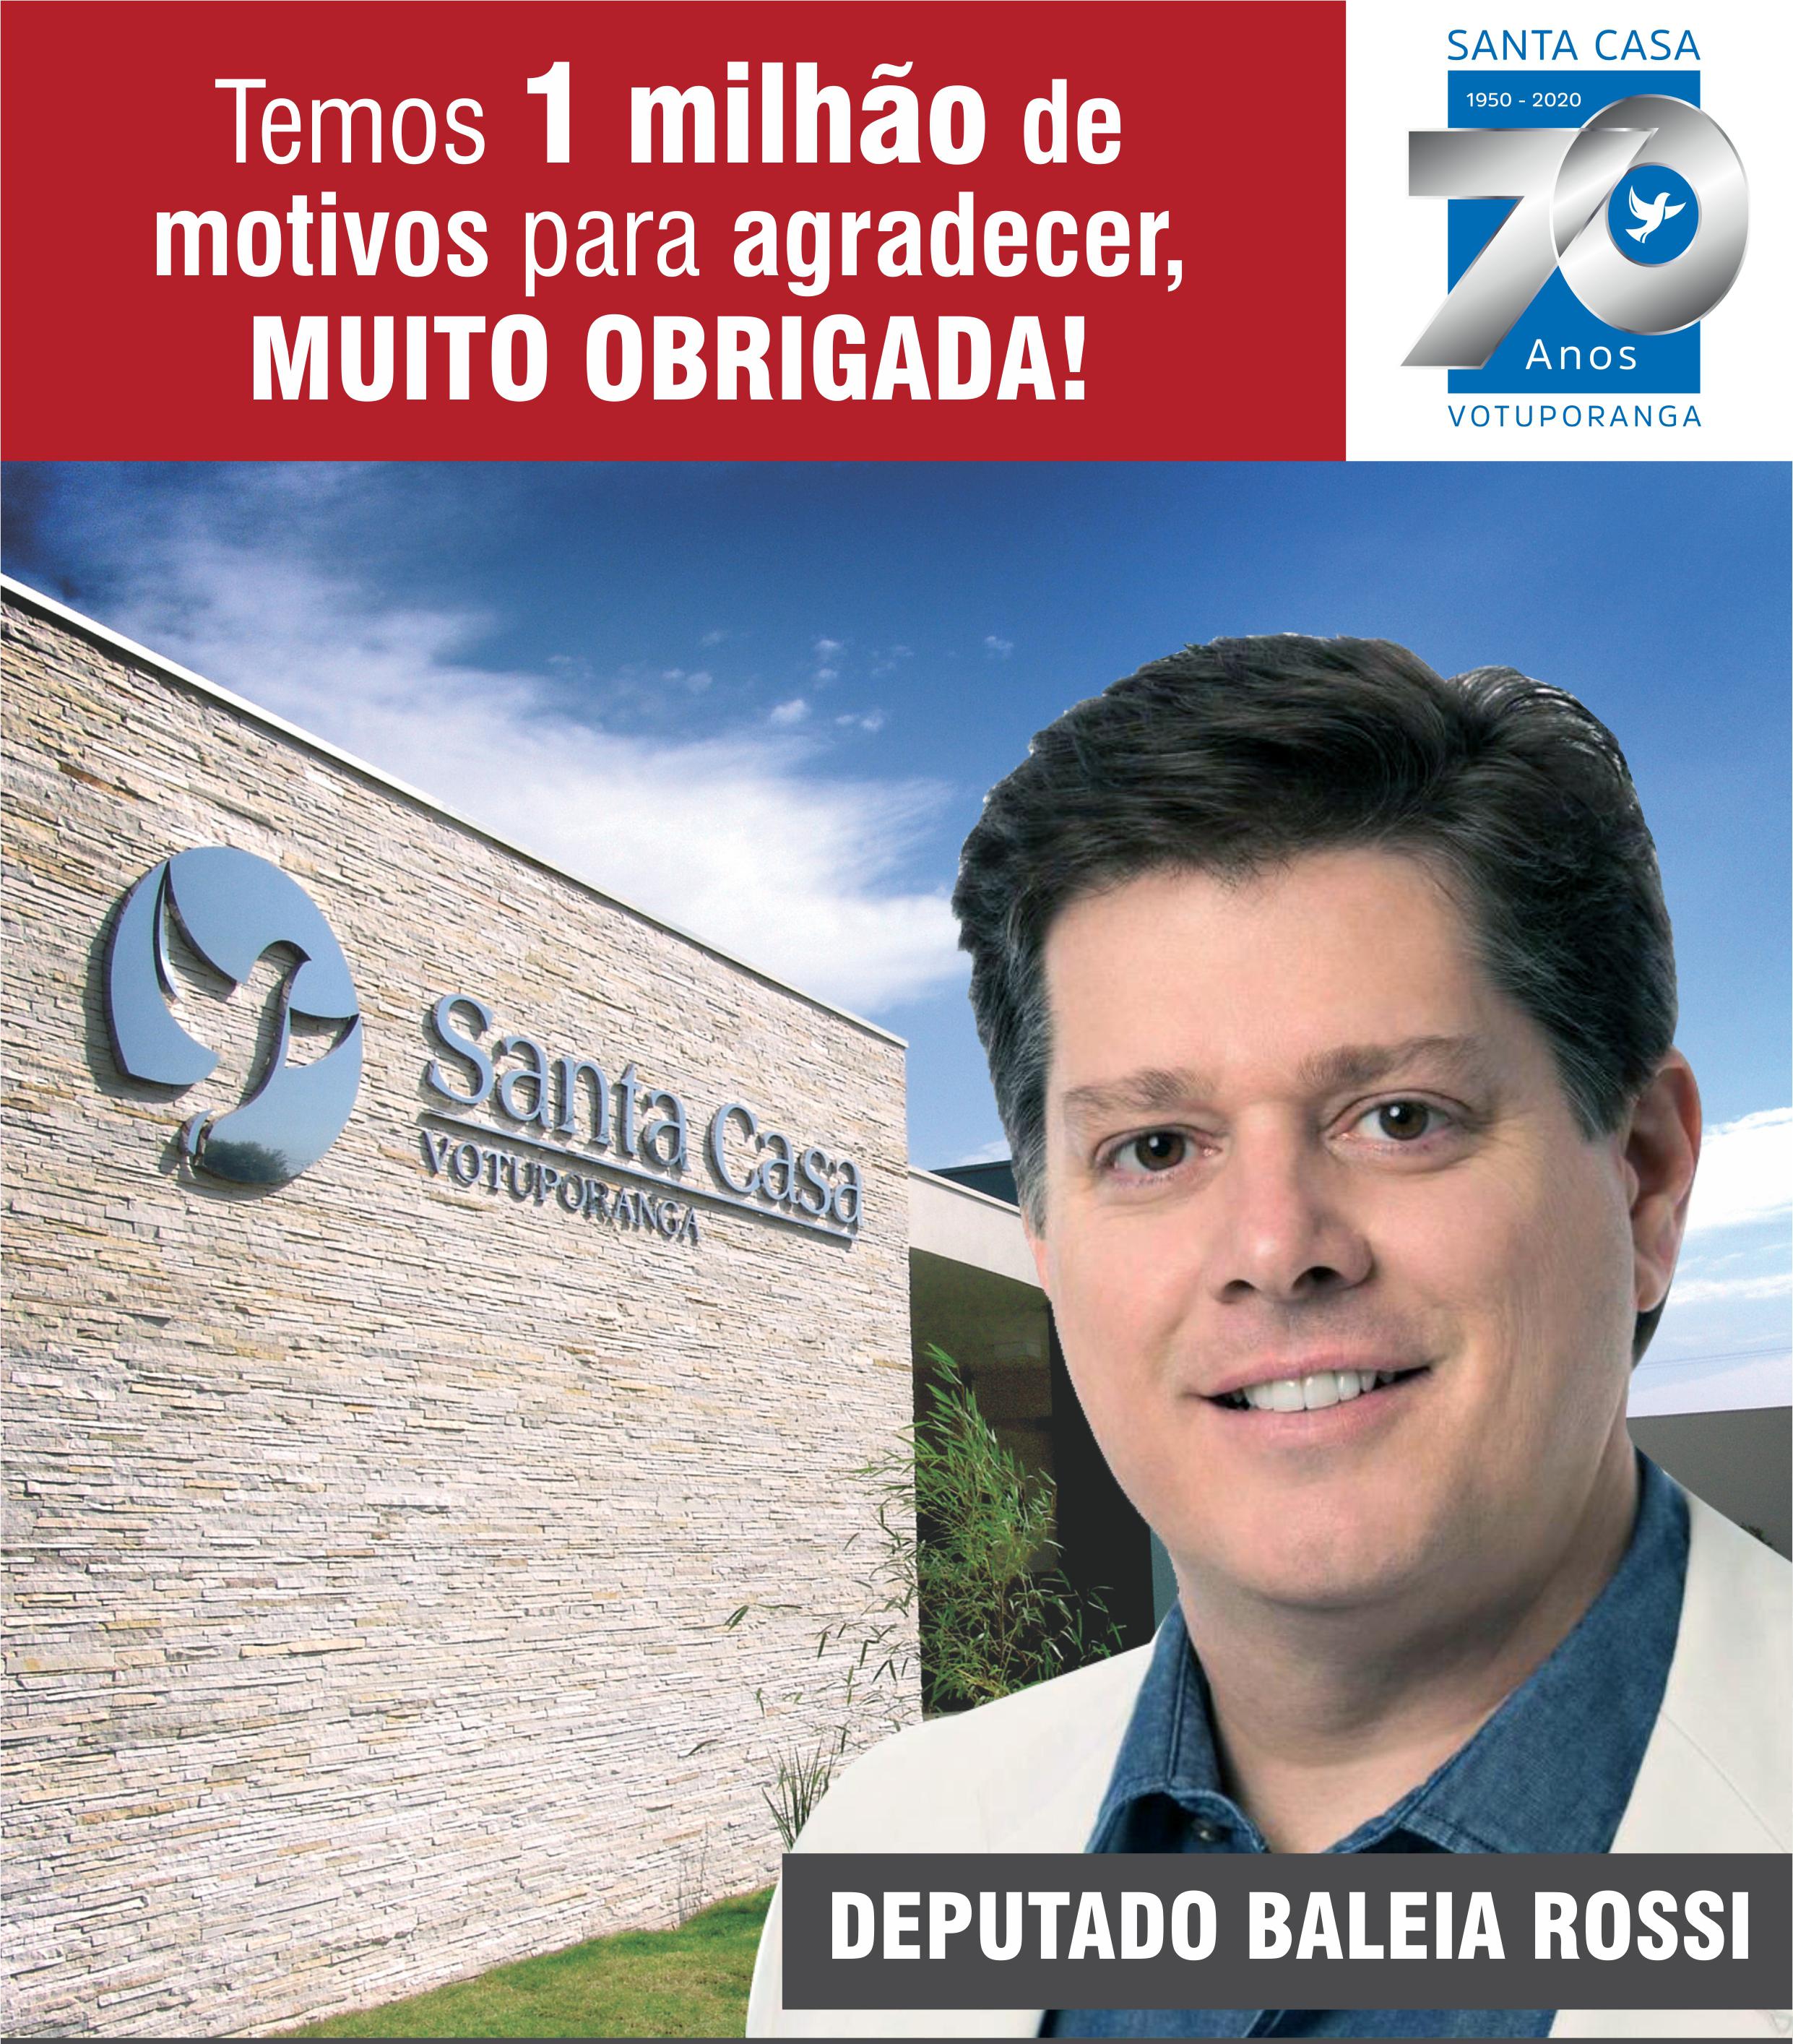 Santa Casa recebeu R$1 milhão de emenda do Baleia Rossi